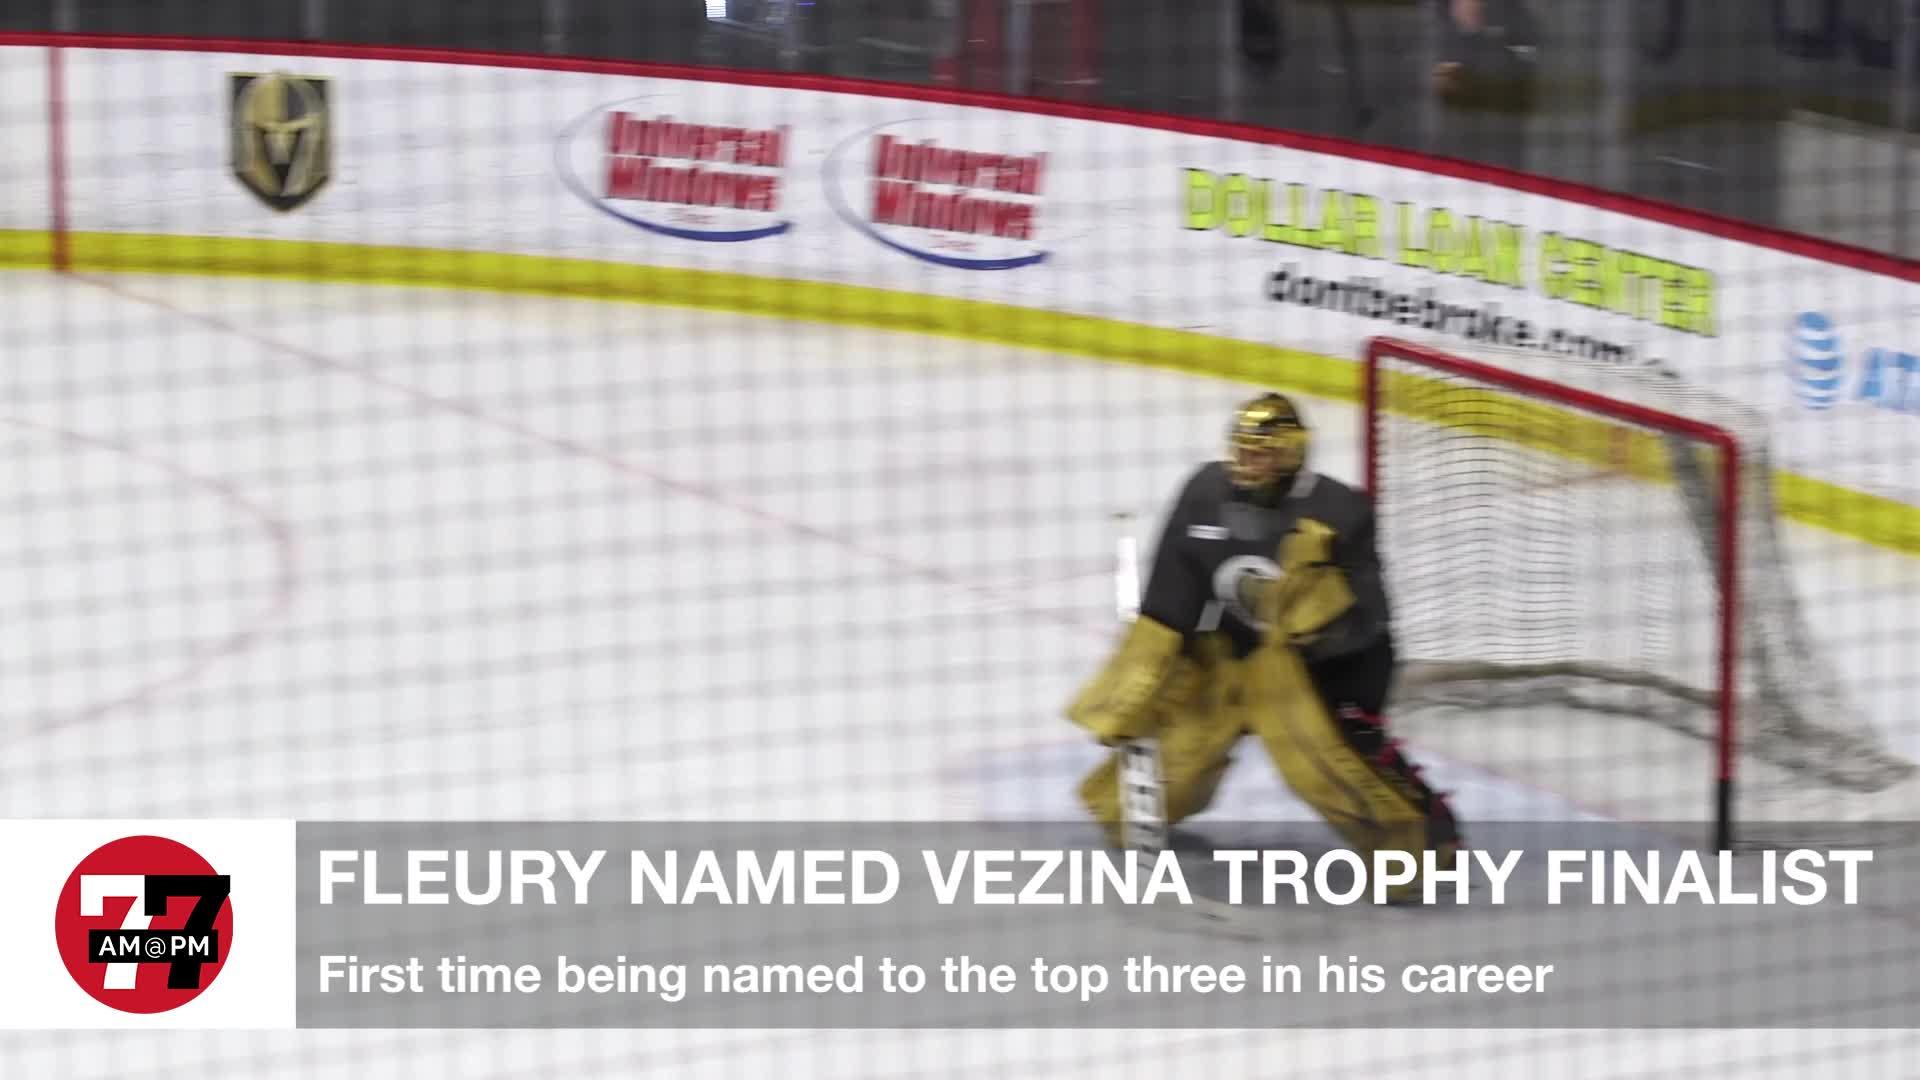 7@7PM Fleury Named Vezina Trophy Finalist